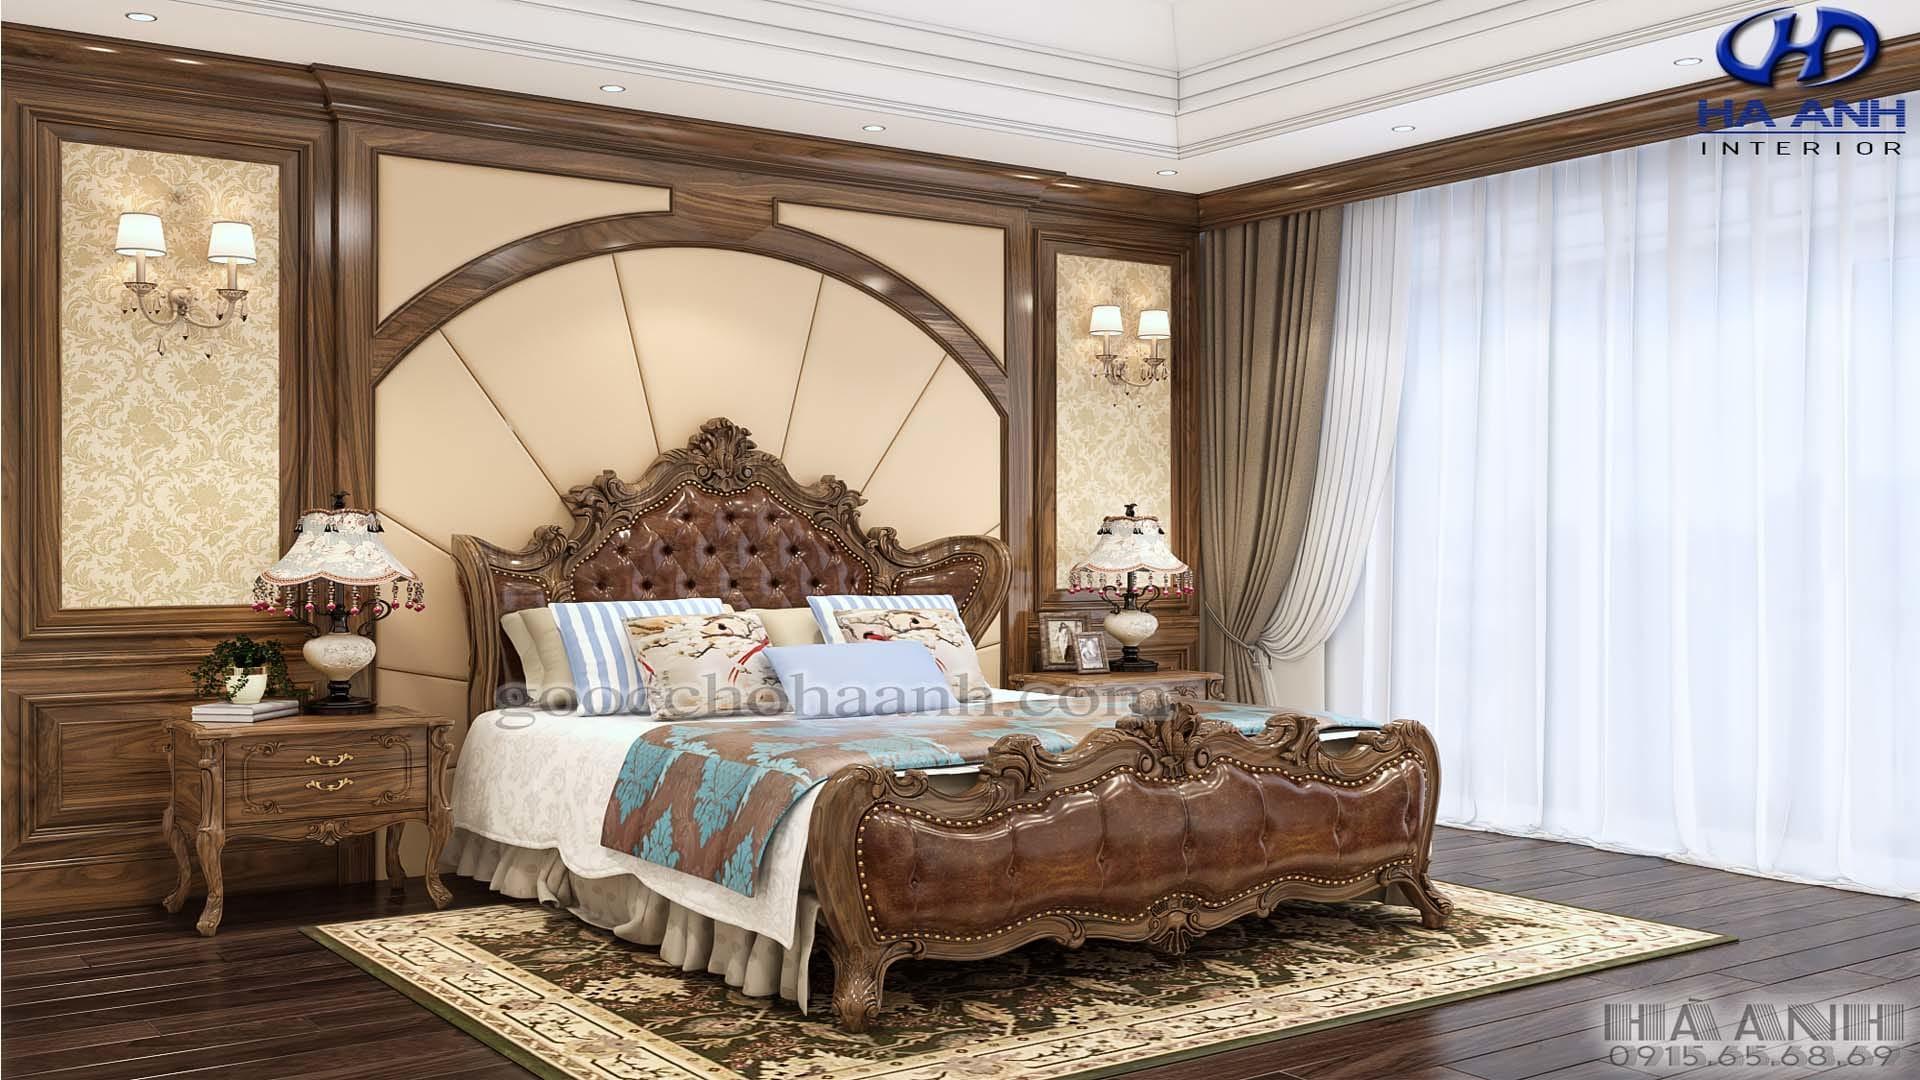 Các mẫu giường ngủ gỗ óc chó đầy lôi cuốn